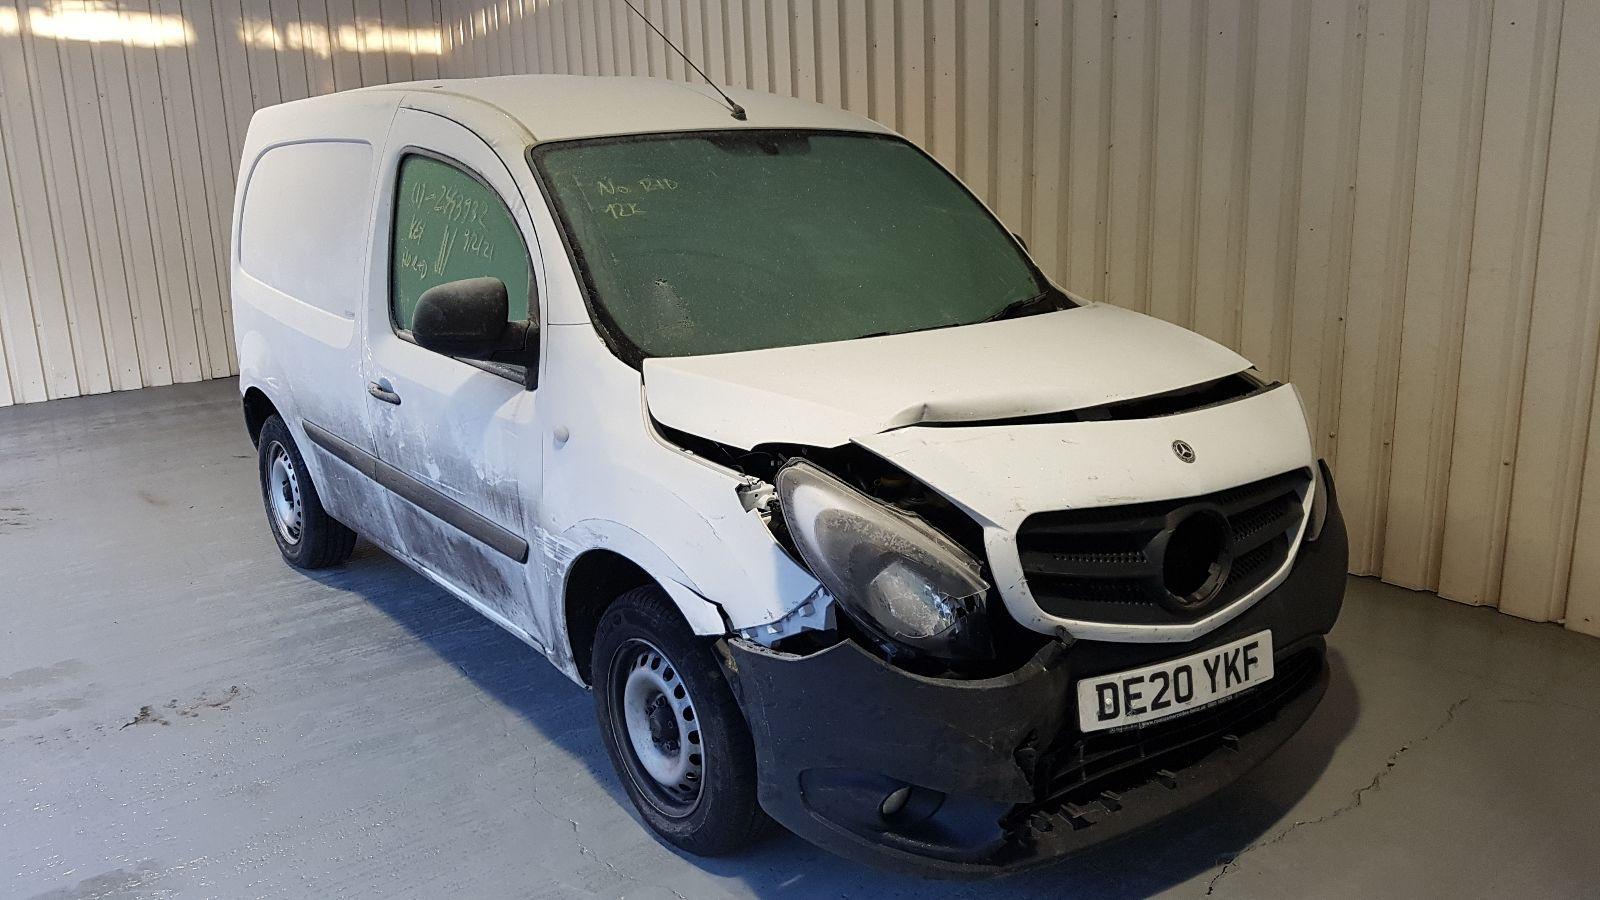 Image for a Mercedes Citan 2020 3 Door Van Breaking